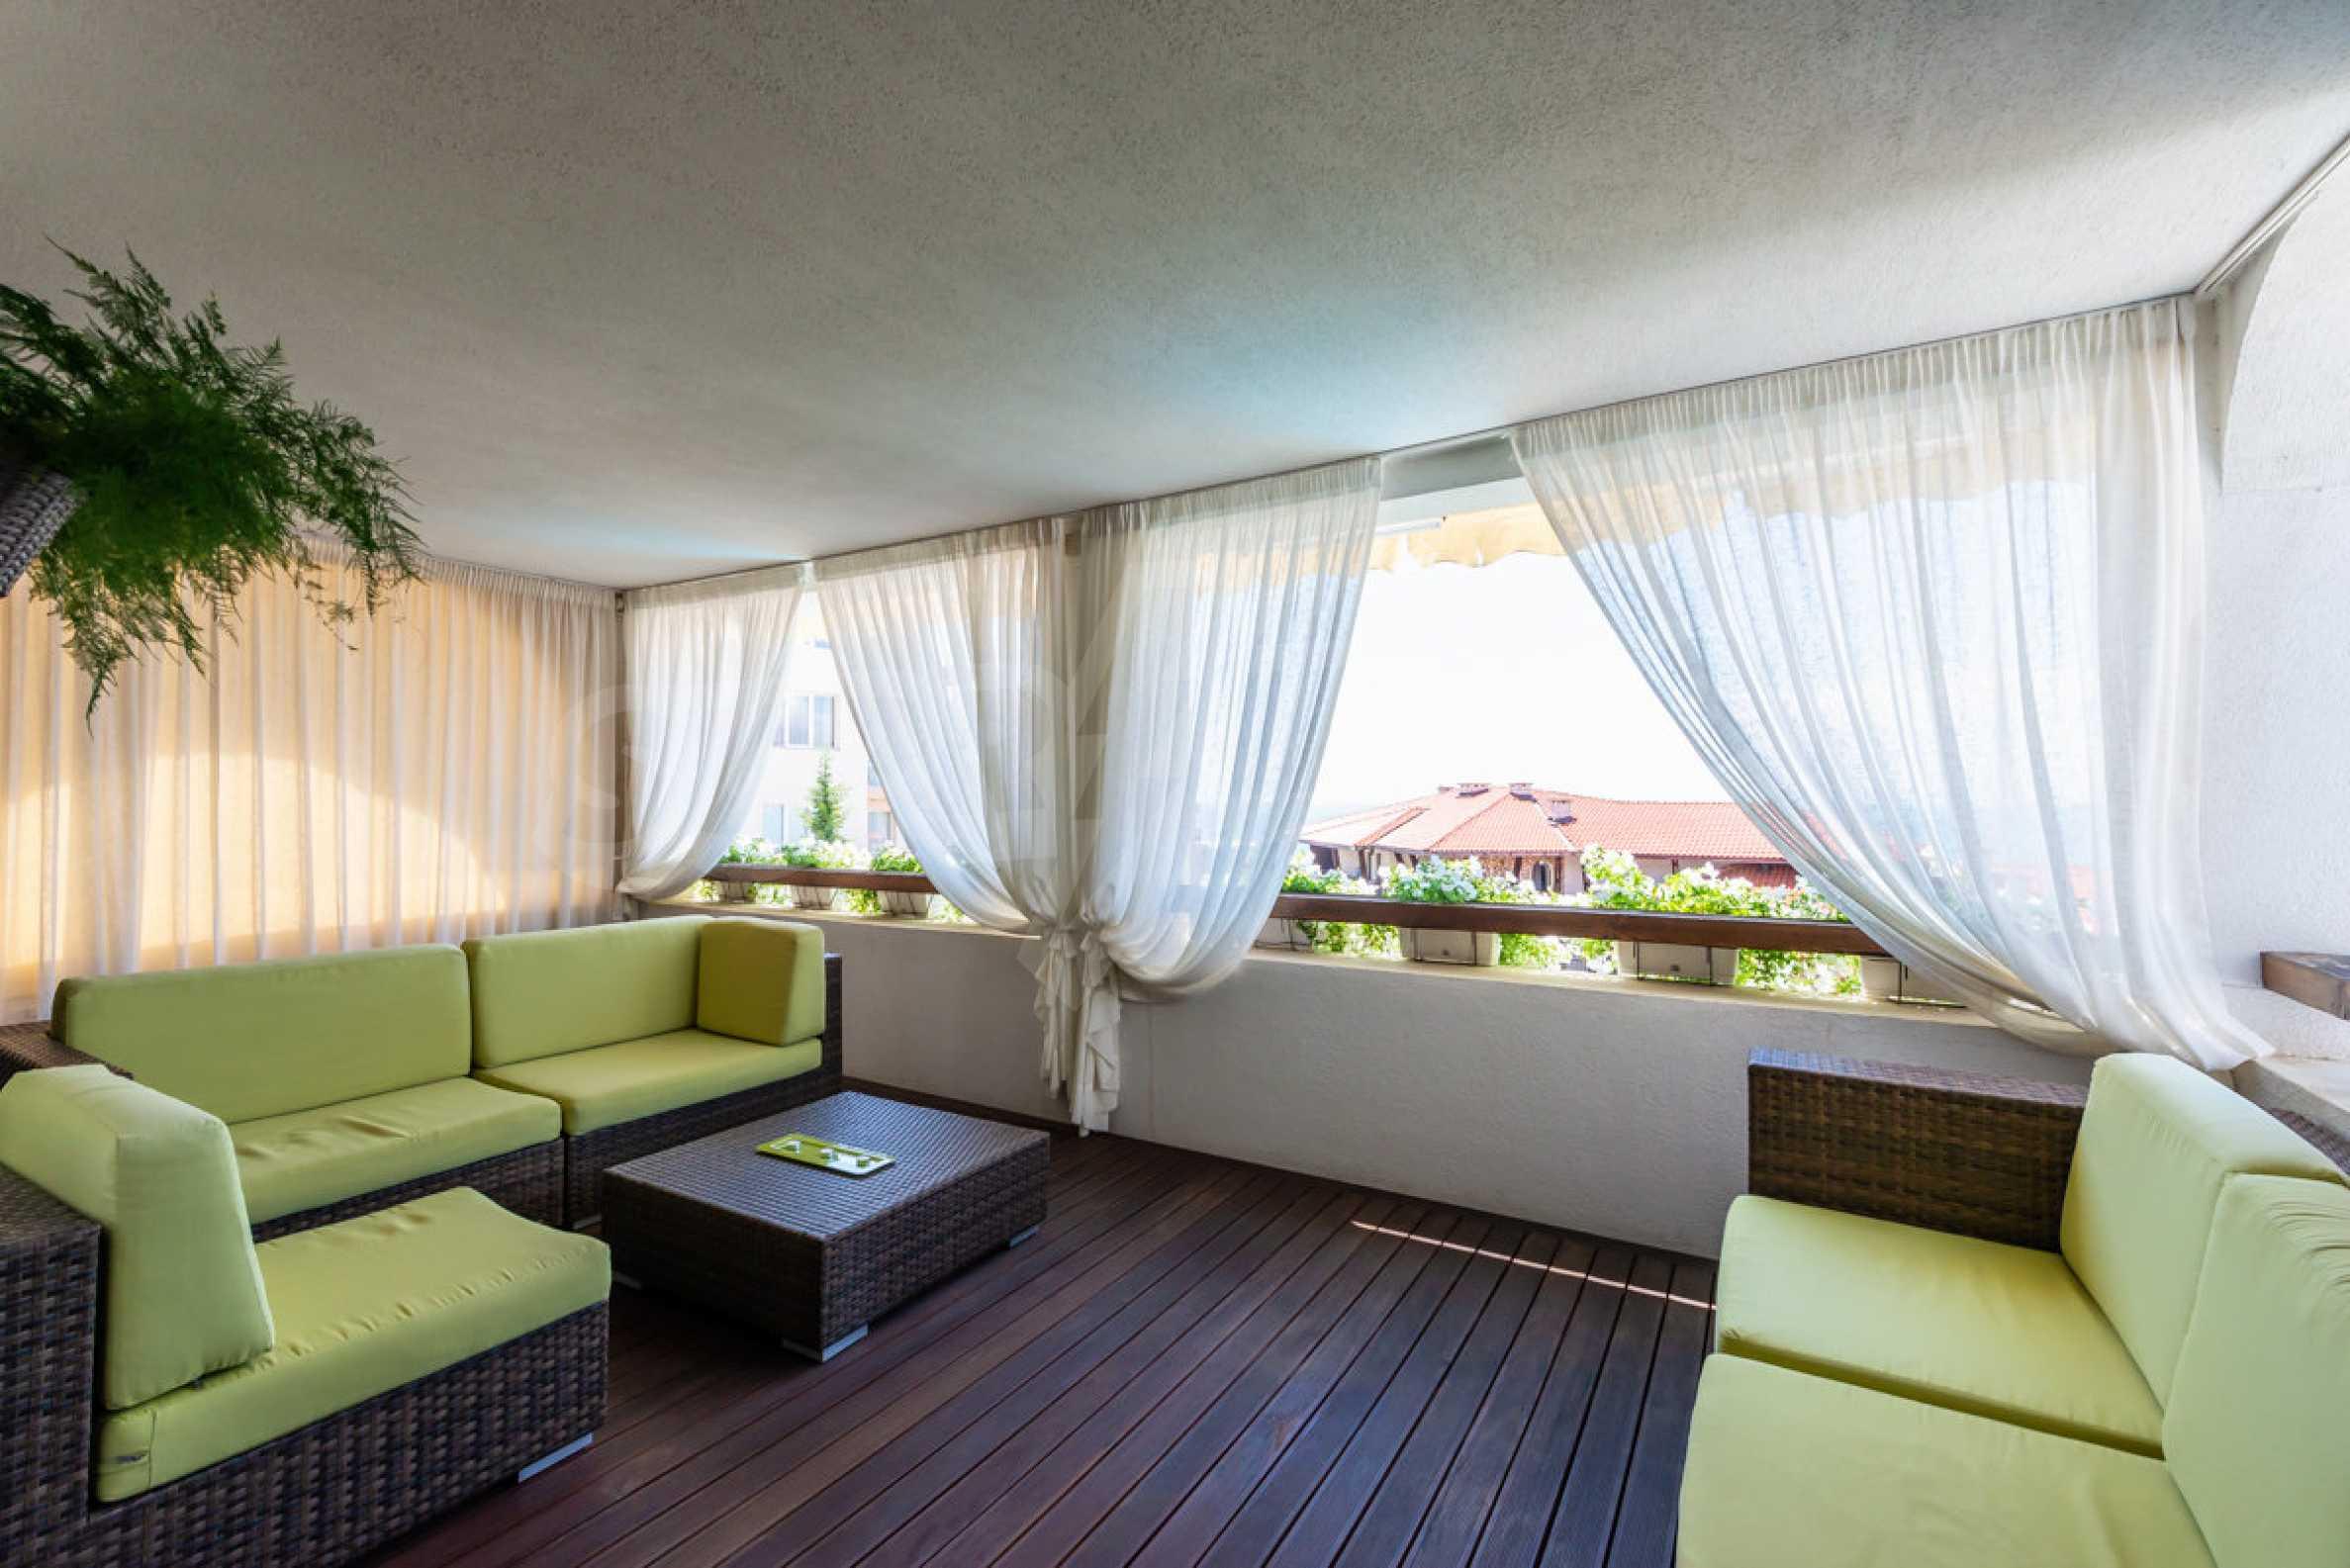 Luxus-Apartment mit einem Schlafzimmer mit spektakulärem Meerblick 14